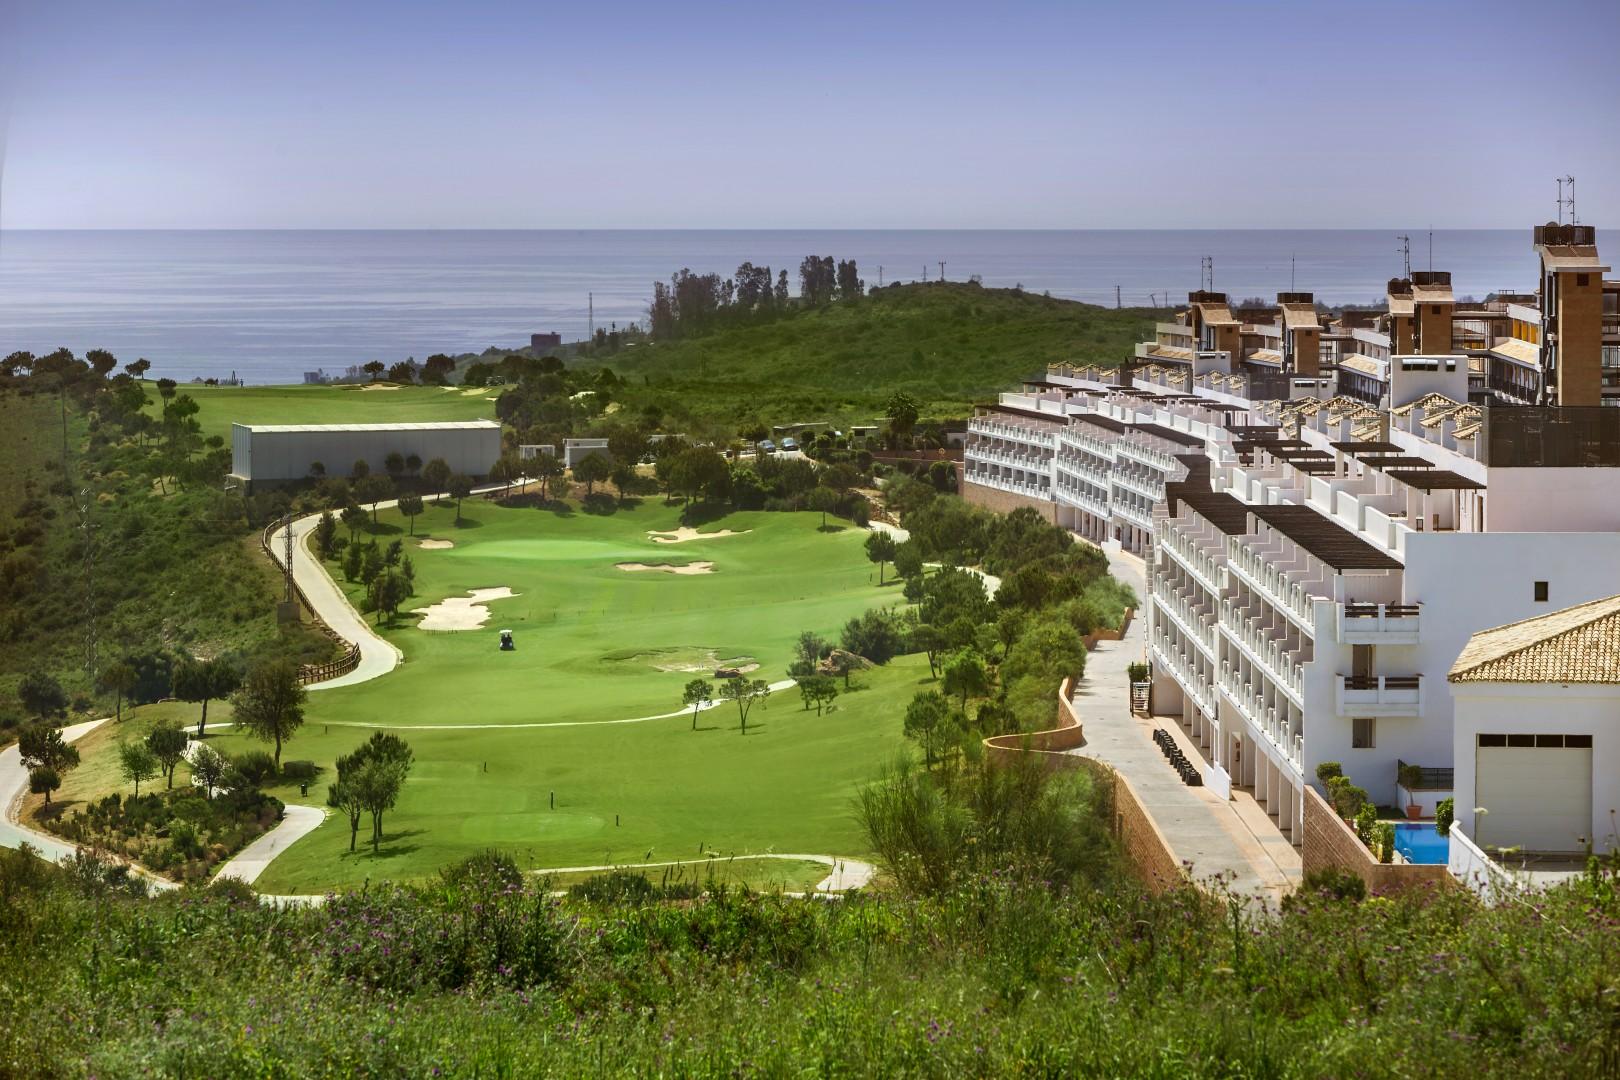 Appartementen met 4 sterren hotel diensten in Estepona